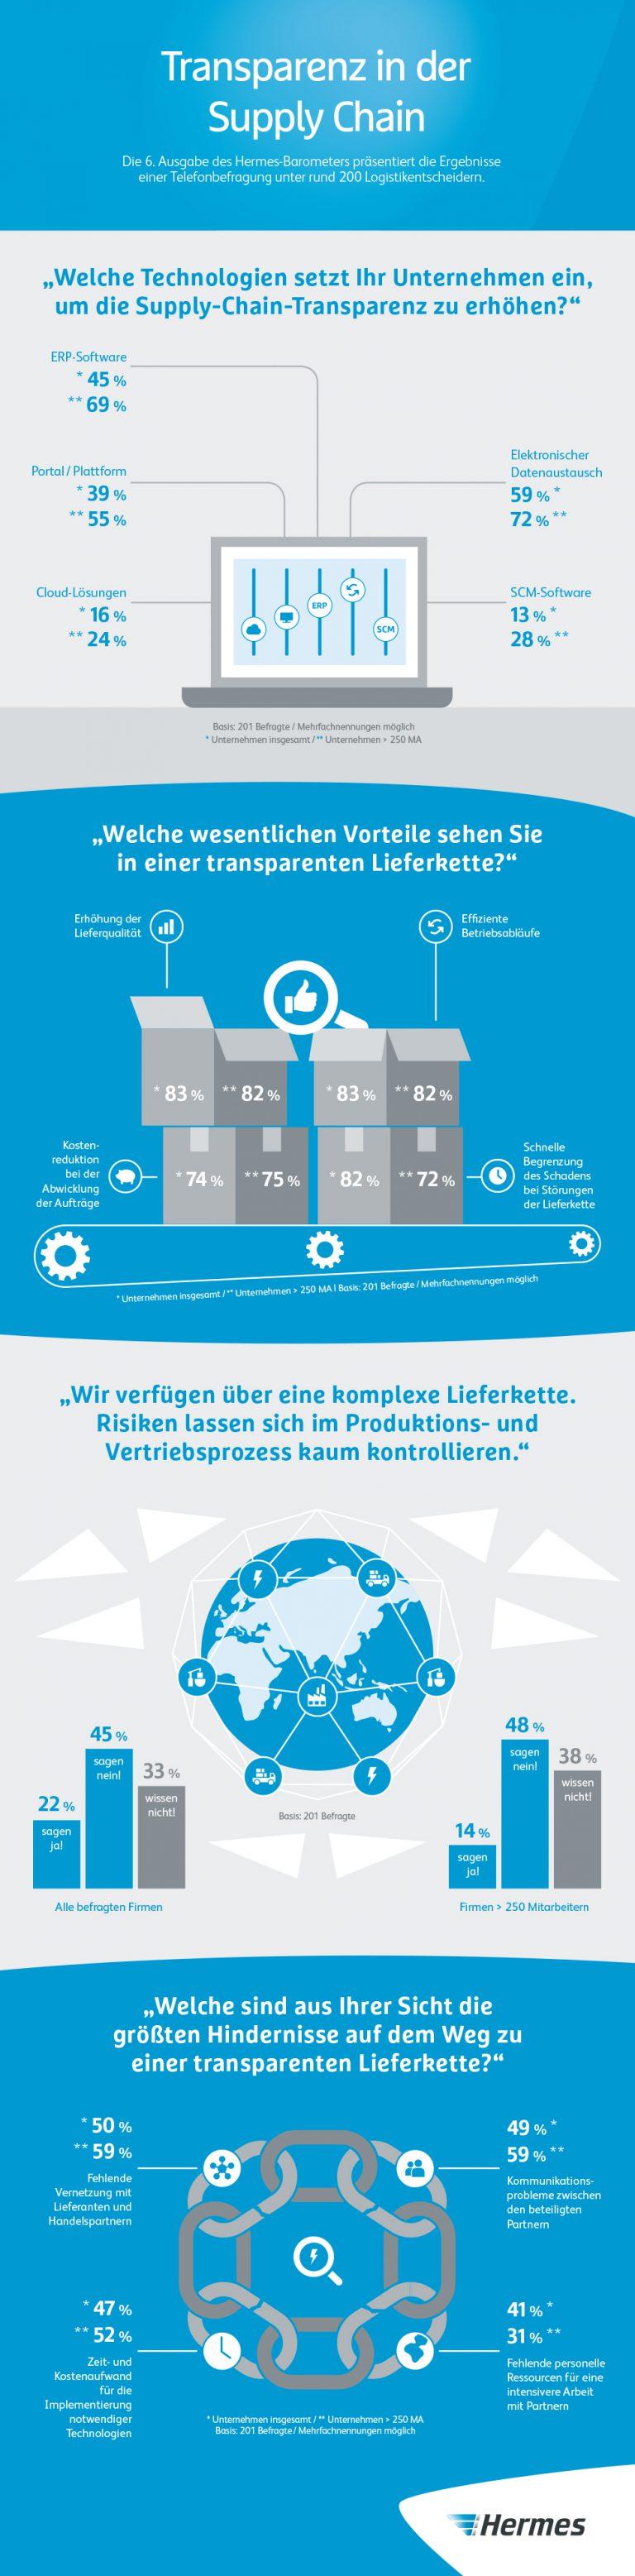 Hermes hat 200 Logistikentscheider in Deutschland zur Transparenz ihrer Lieferketten befragt - mit teils erstaunlichen Ergebnissen.